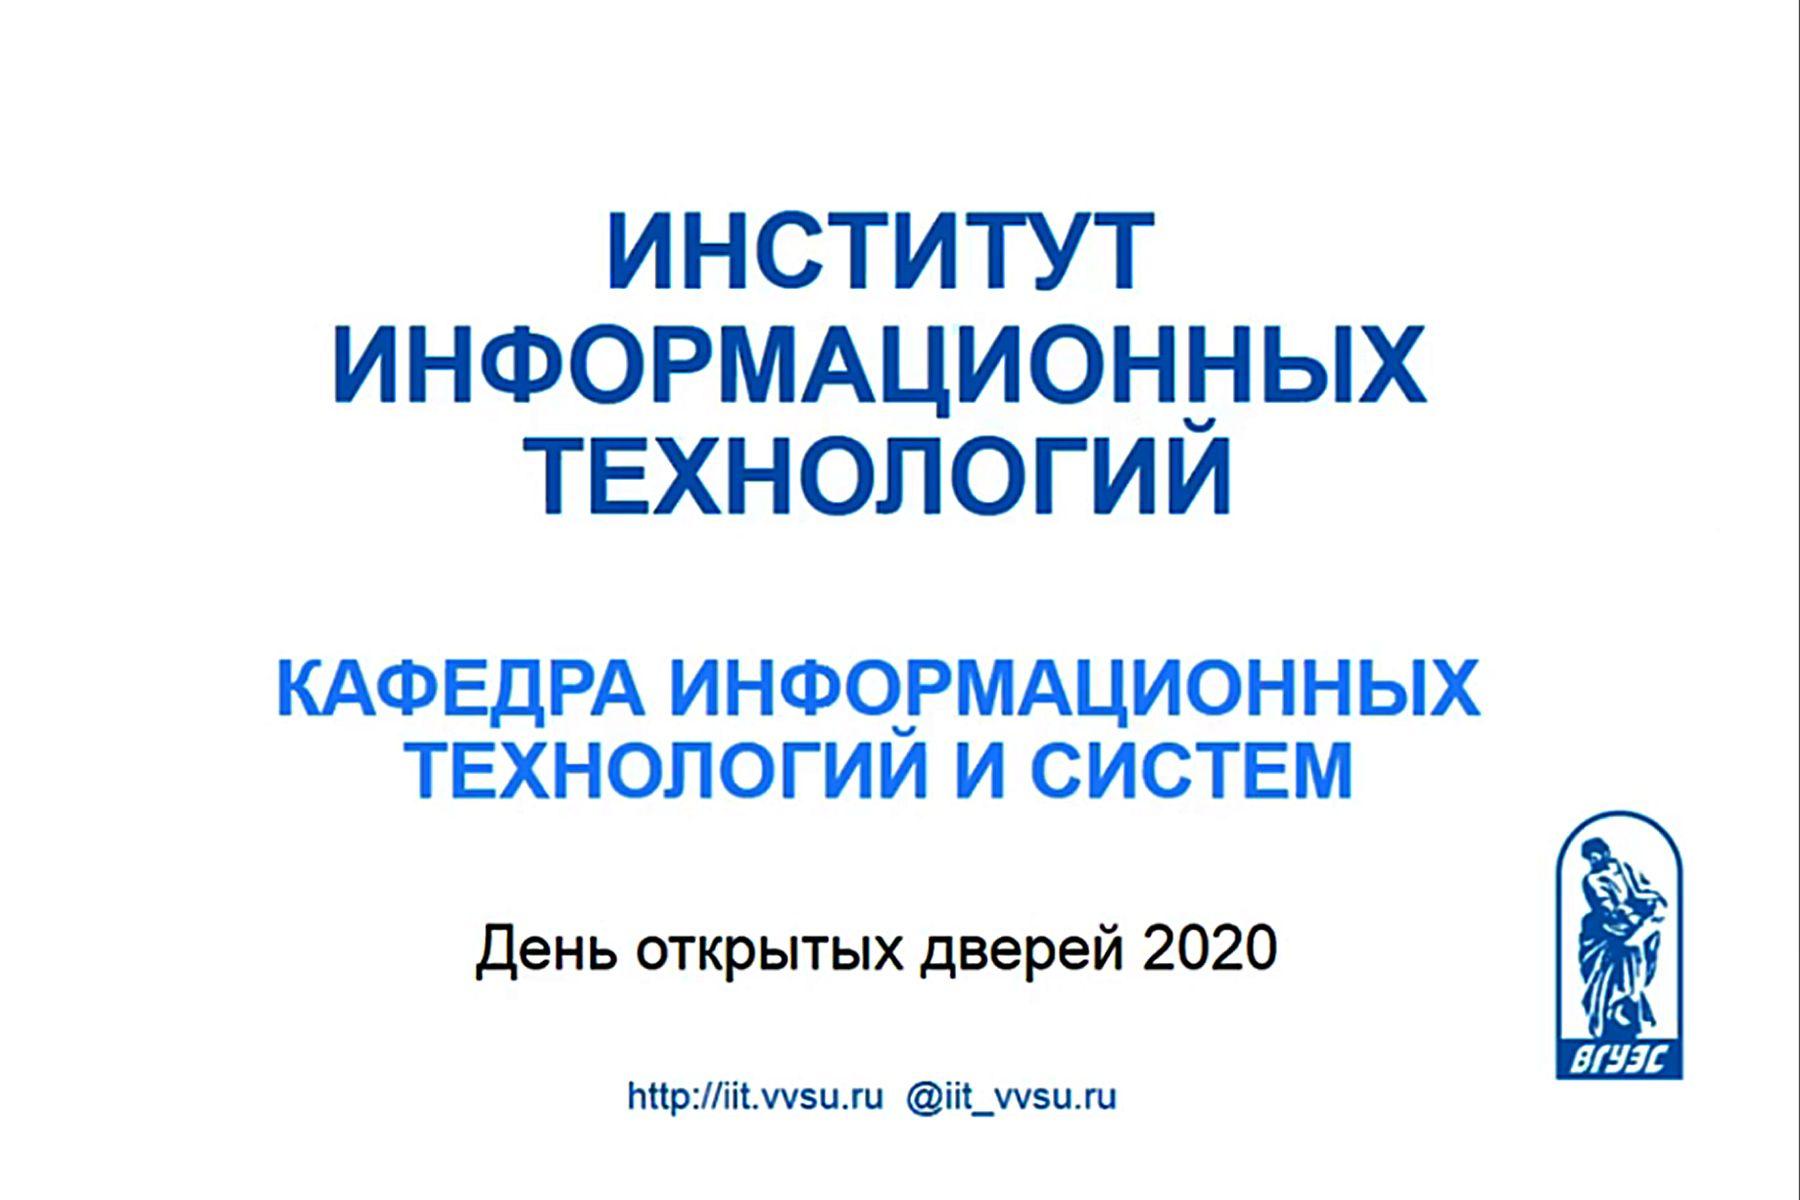 День открытых дверей для абитуриентов бакалавриата и магистратуры провел Институт информационных технологий ВГУЭС